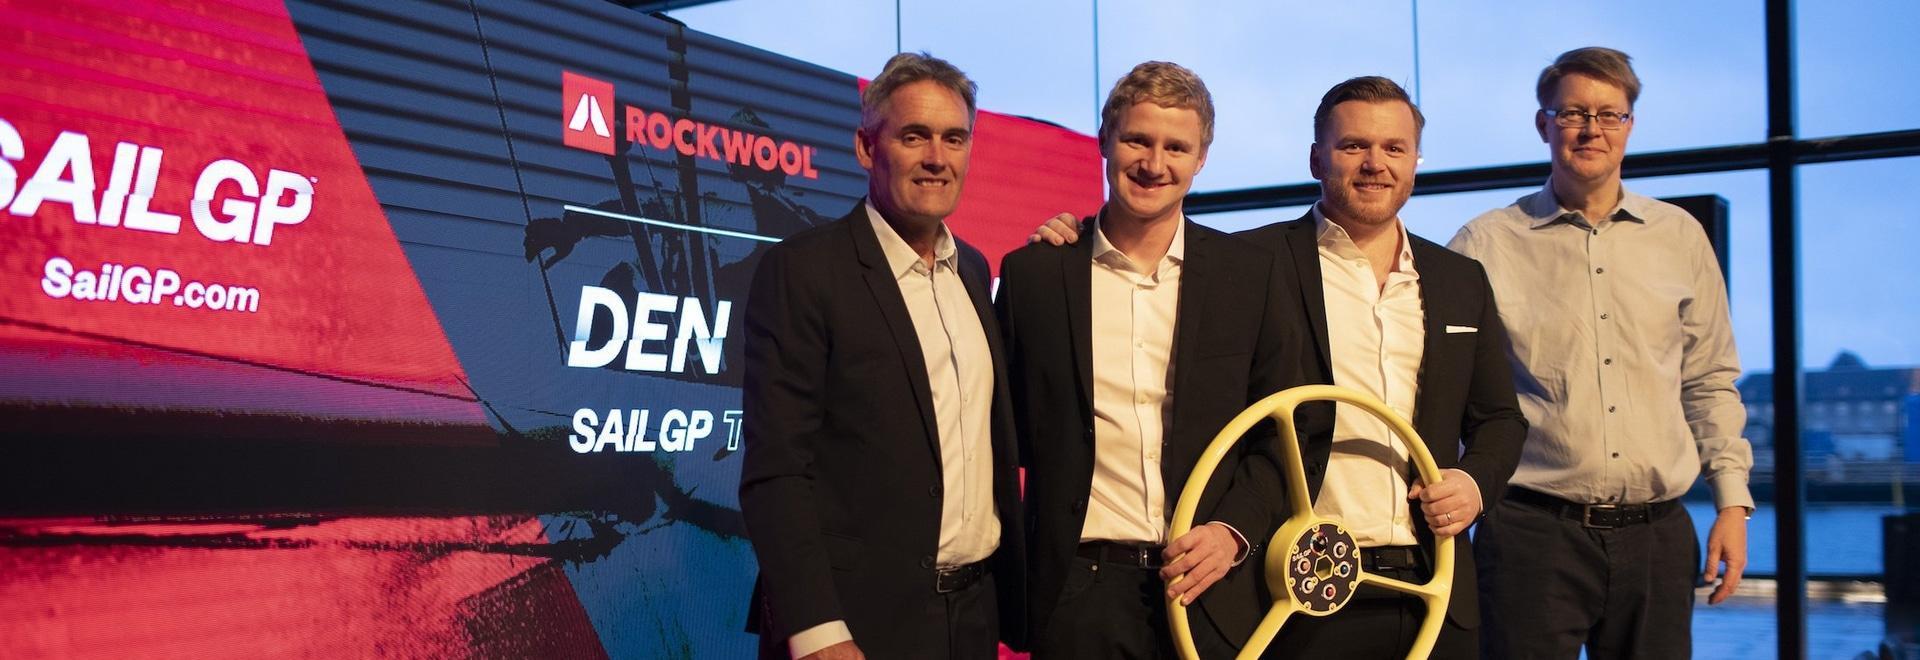 SailGP kündigt Dänemark SailGP Team präsentiert von ROCKWOOL an, um in der zweiten Saison in die Weltklasse-Besetzung einzusteigen